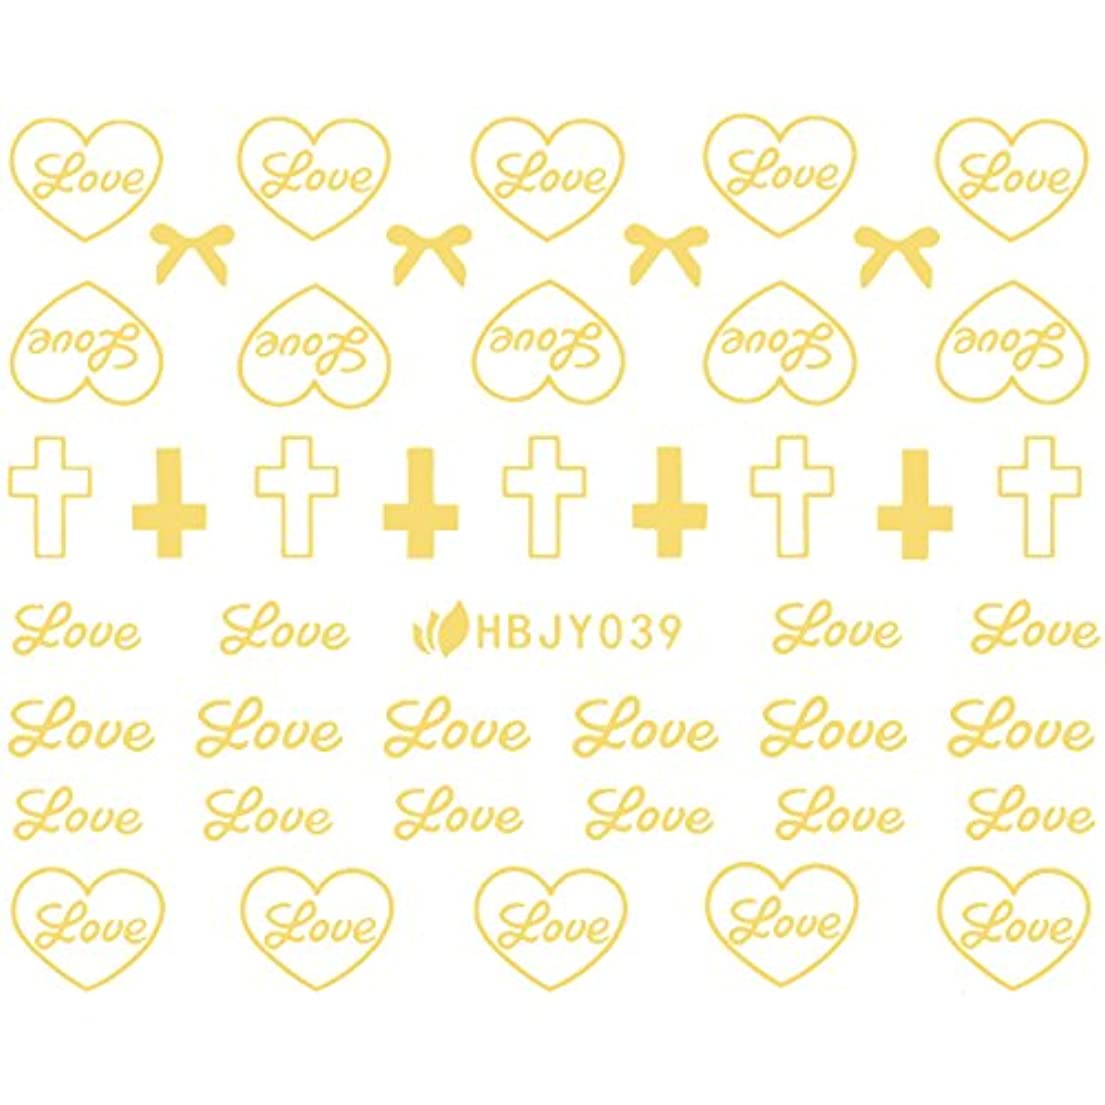 ネイルシール アルファベット 文字 ブラック/ホワイト/ゴールド/シルバー 選べる80種 (ゴールドGP, 11)